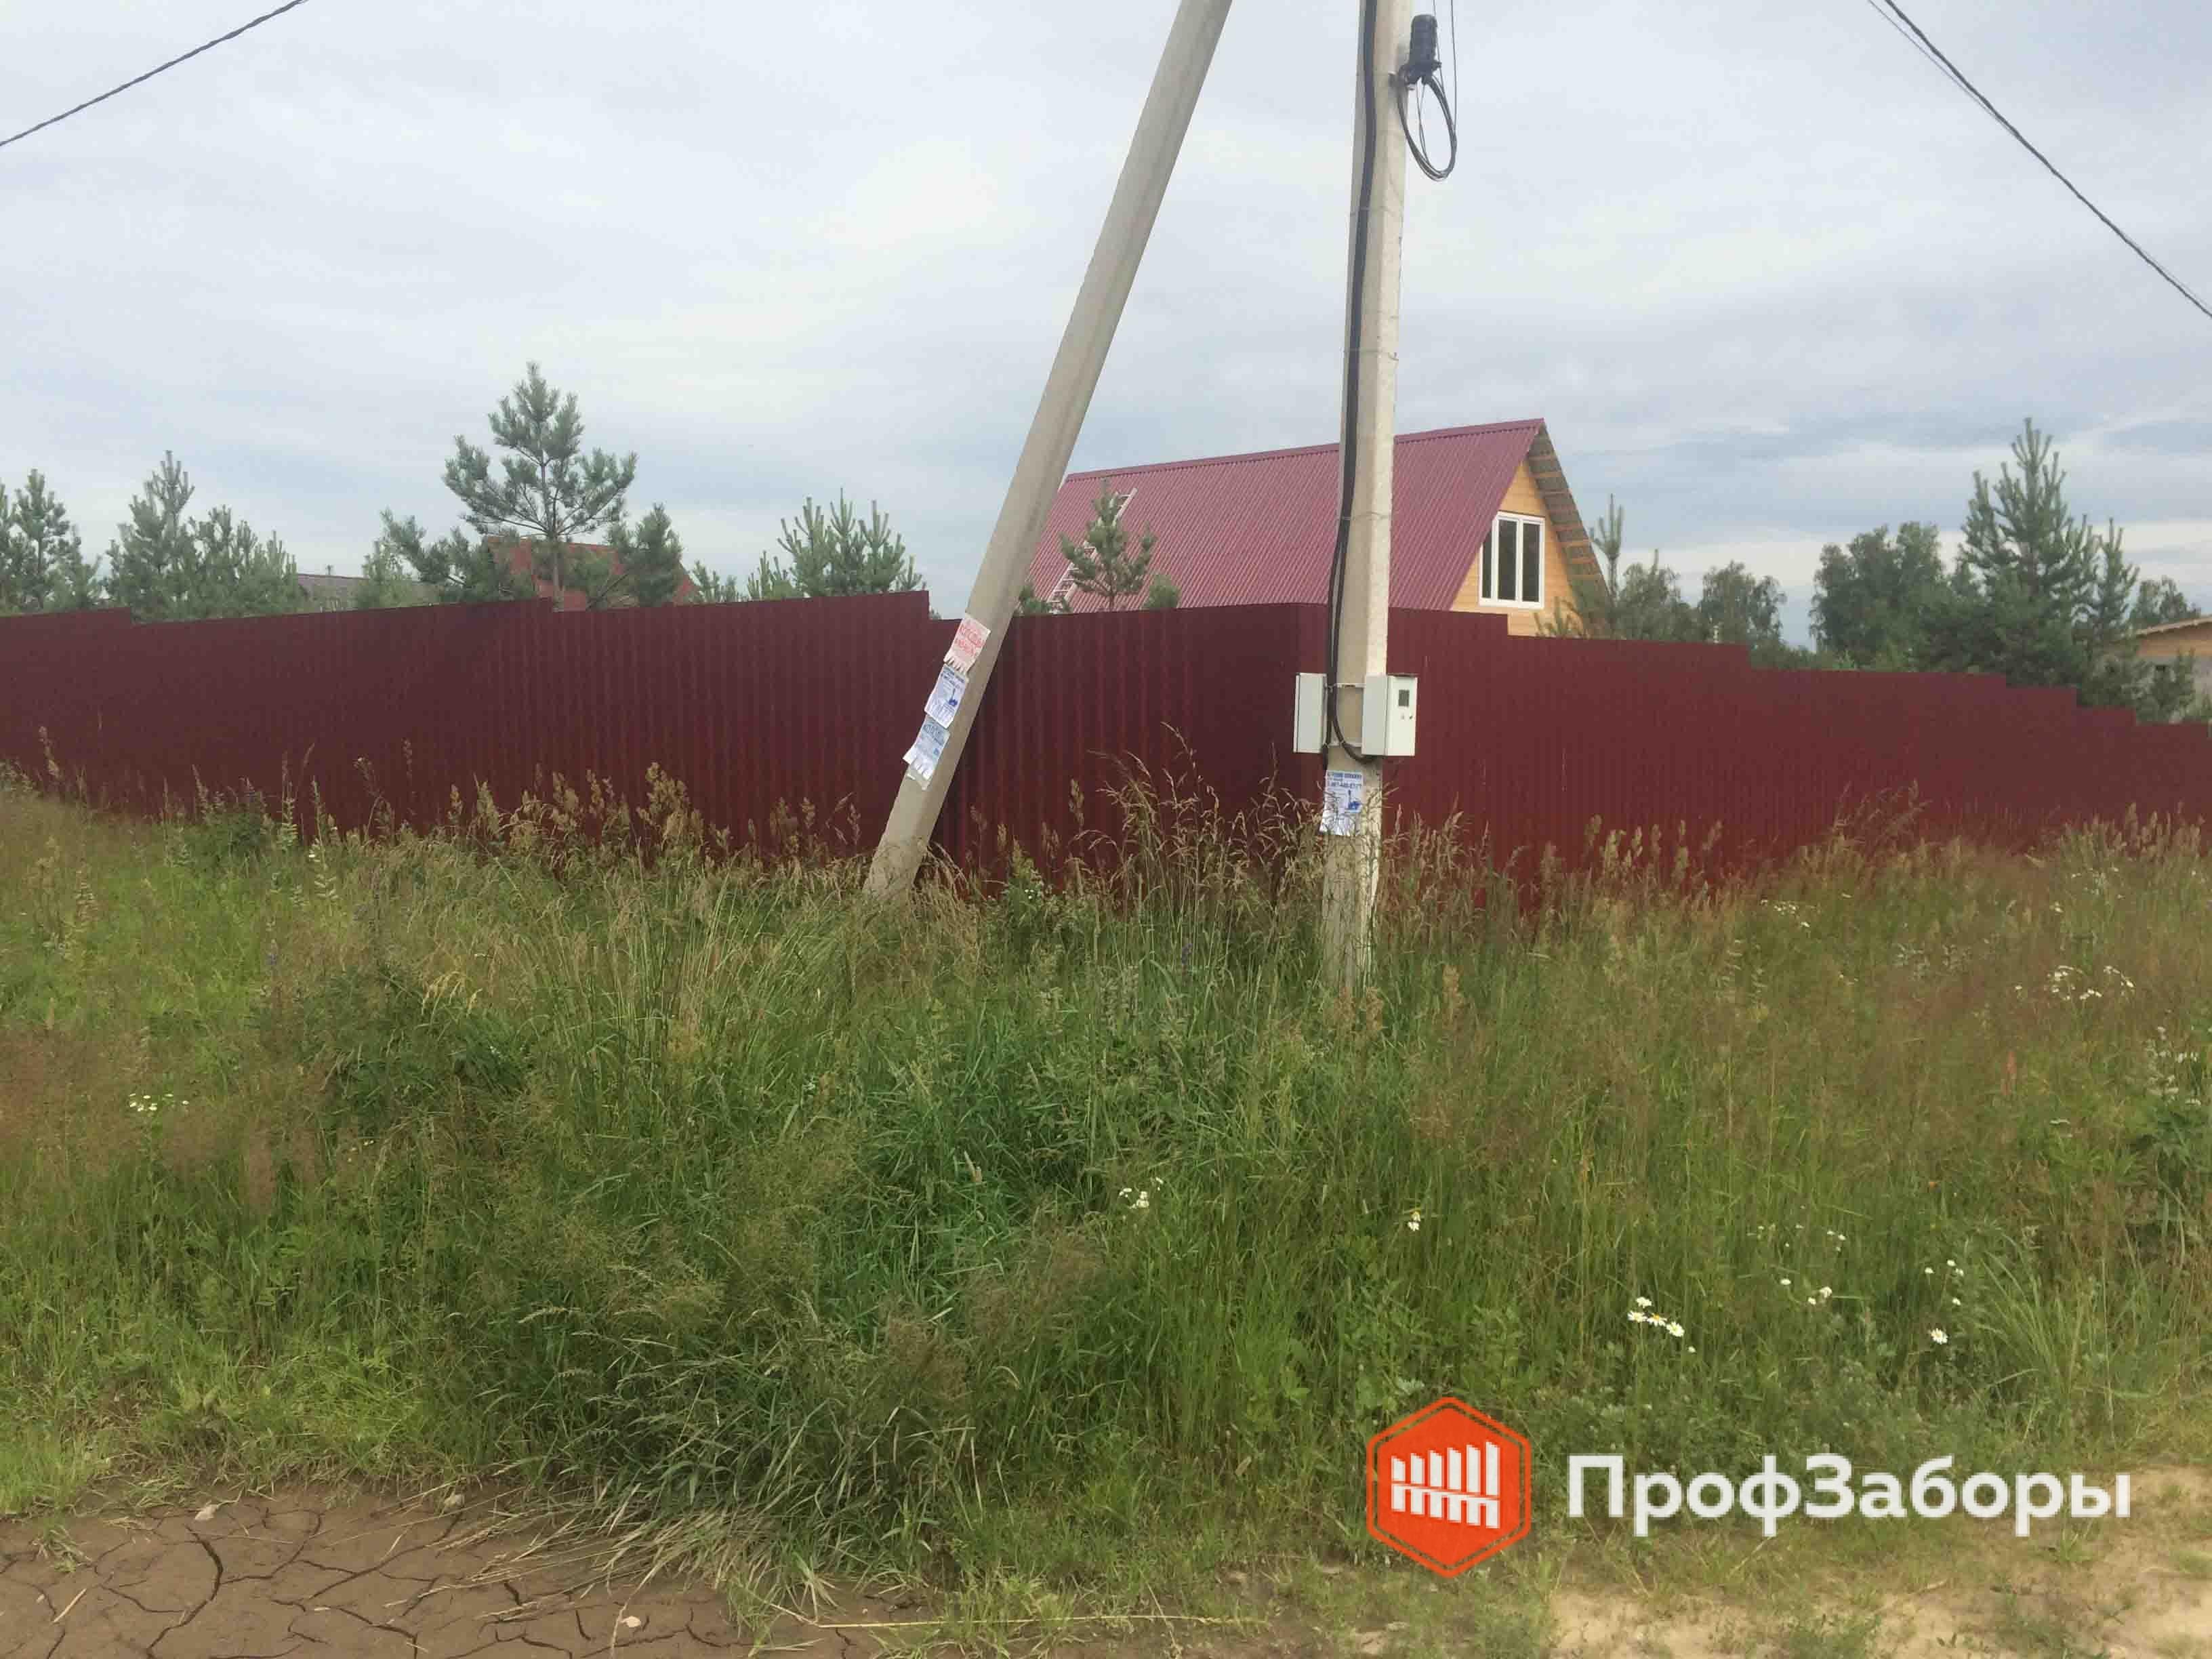 Заборы Из профнастила  - Городской округ Чехов. Фото 2